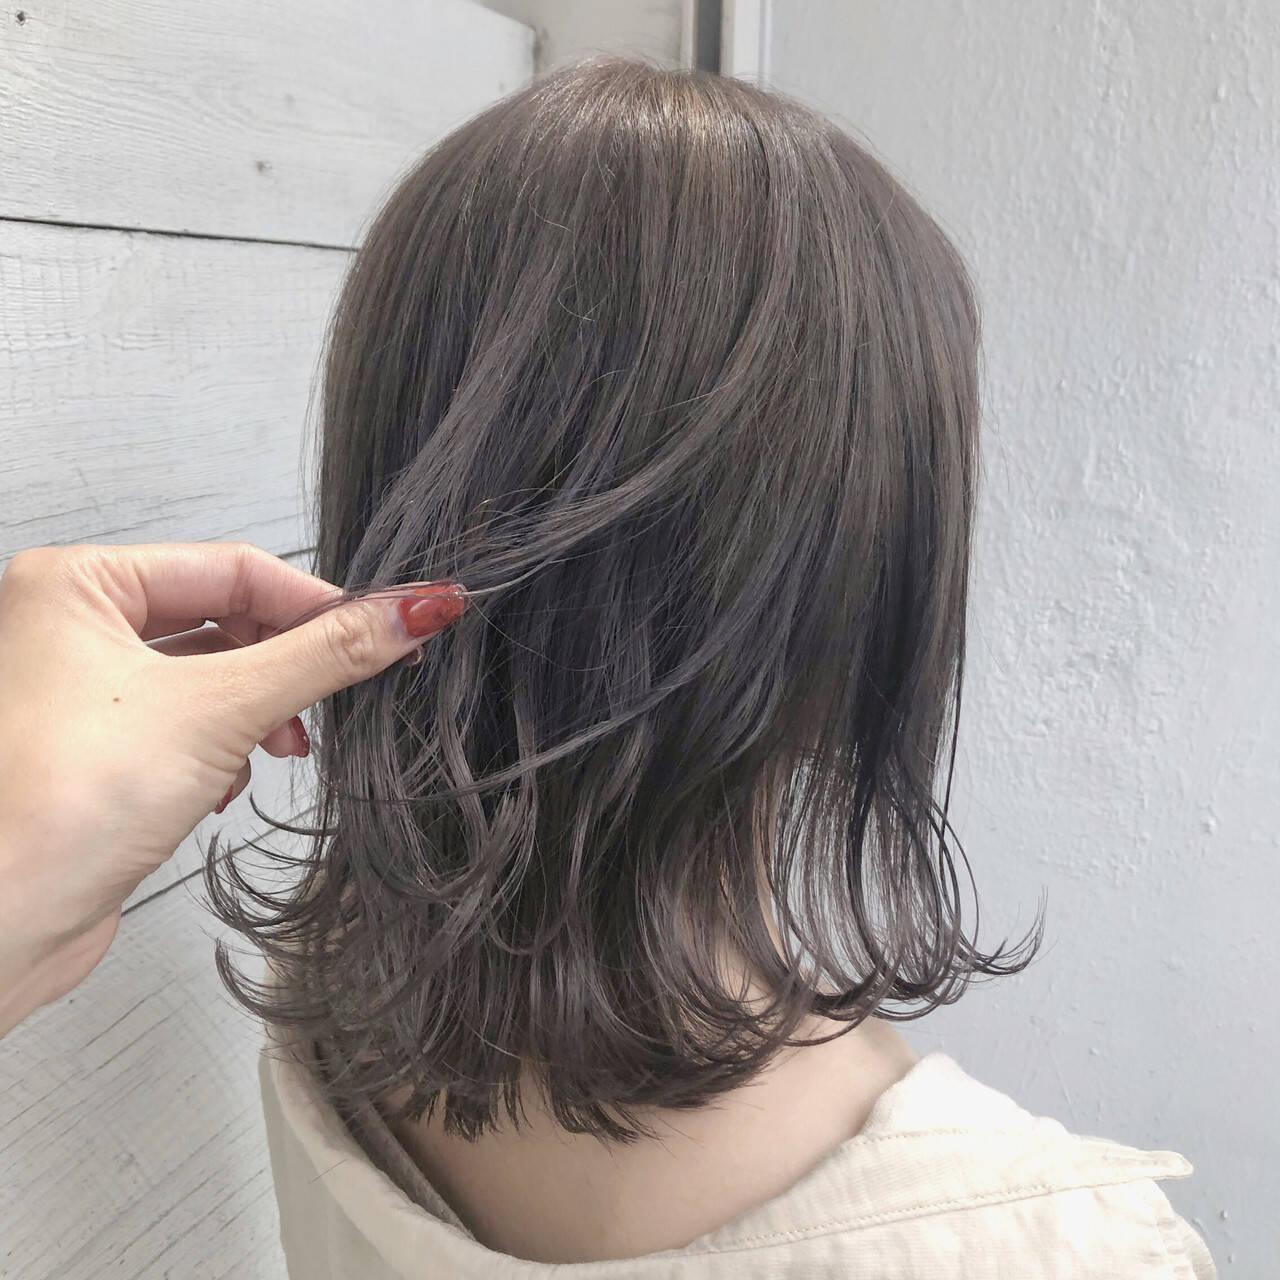 ブリーチ必須 アッシュグレージュ 透明感カラー ミディアムヘアスタイルや髪型の写真・画像